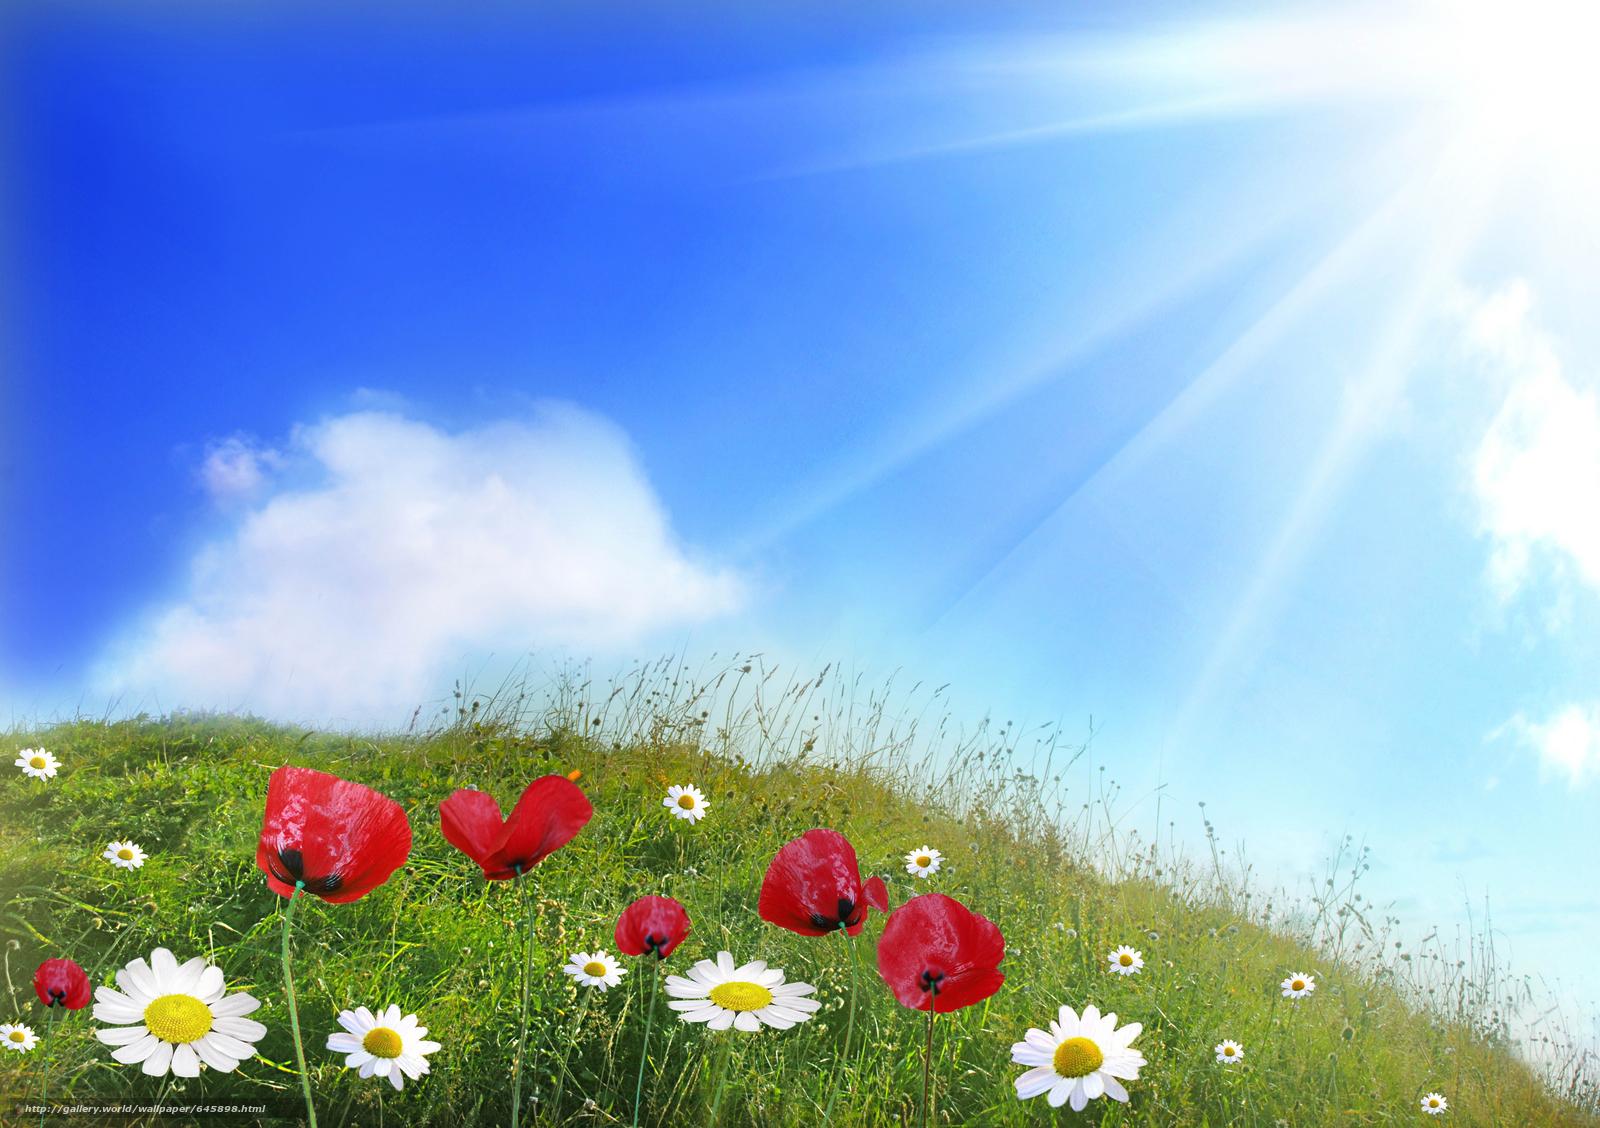 Скачать обои цветы,  ромашки,  маки бесплатно для рабочего стола в разрешении 7356x5184 — картинка №645898